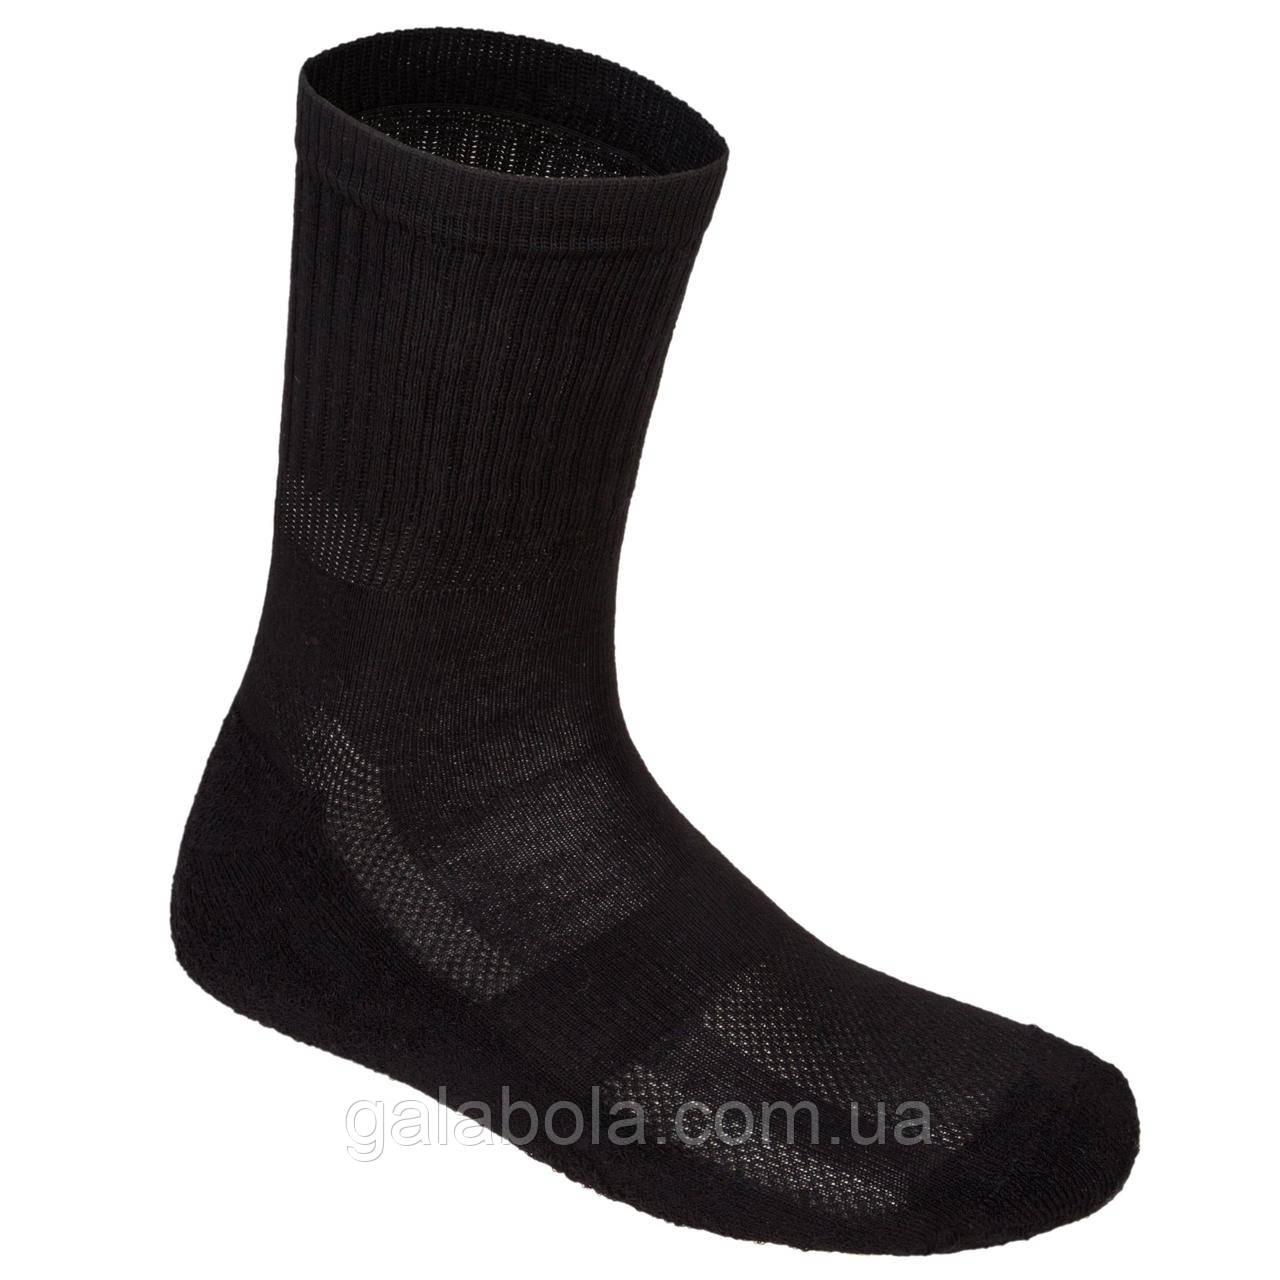 Носки тренировочные SELECT (черные) - 3 пары